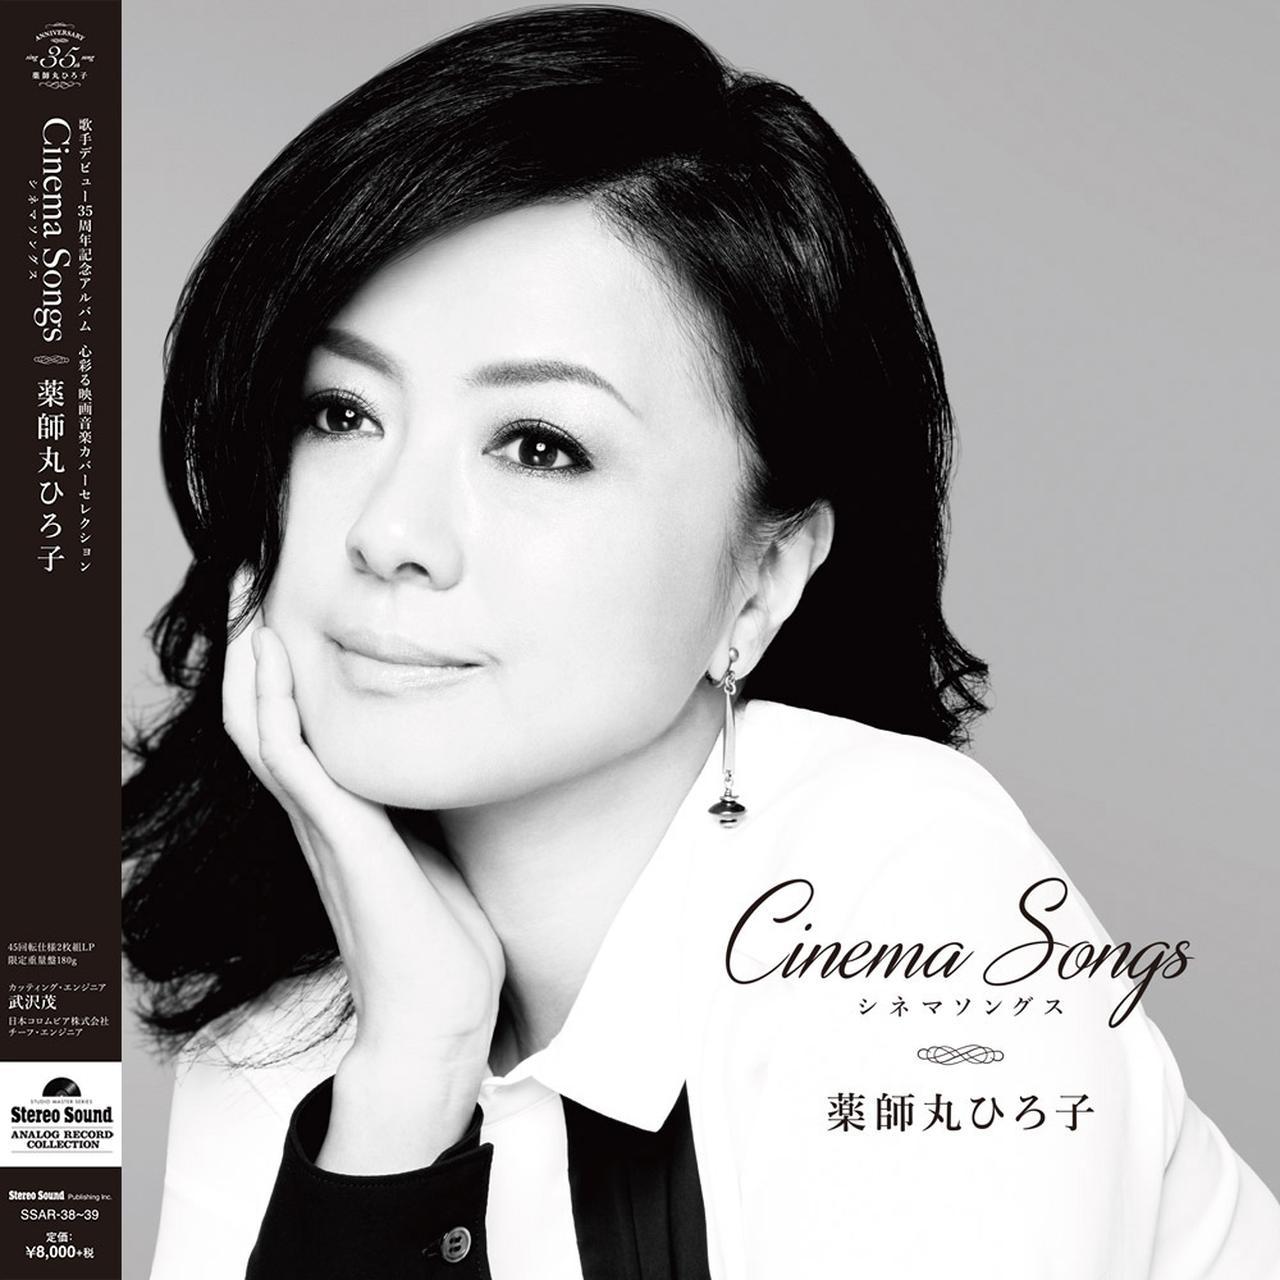 画像: 今年3月31日に発売となったLP「Cinema Songs / 薬師丸ひろ子」 このレコードのために、新たなミックスダウンが行なわれた